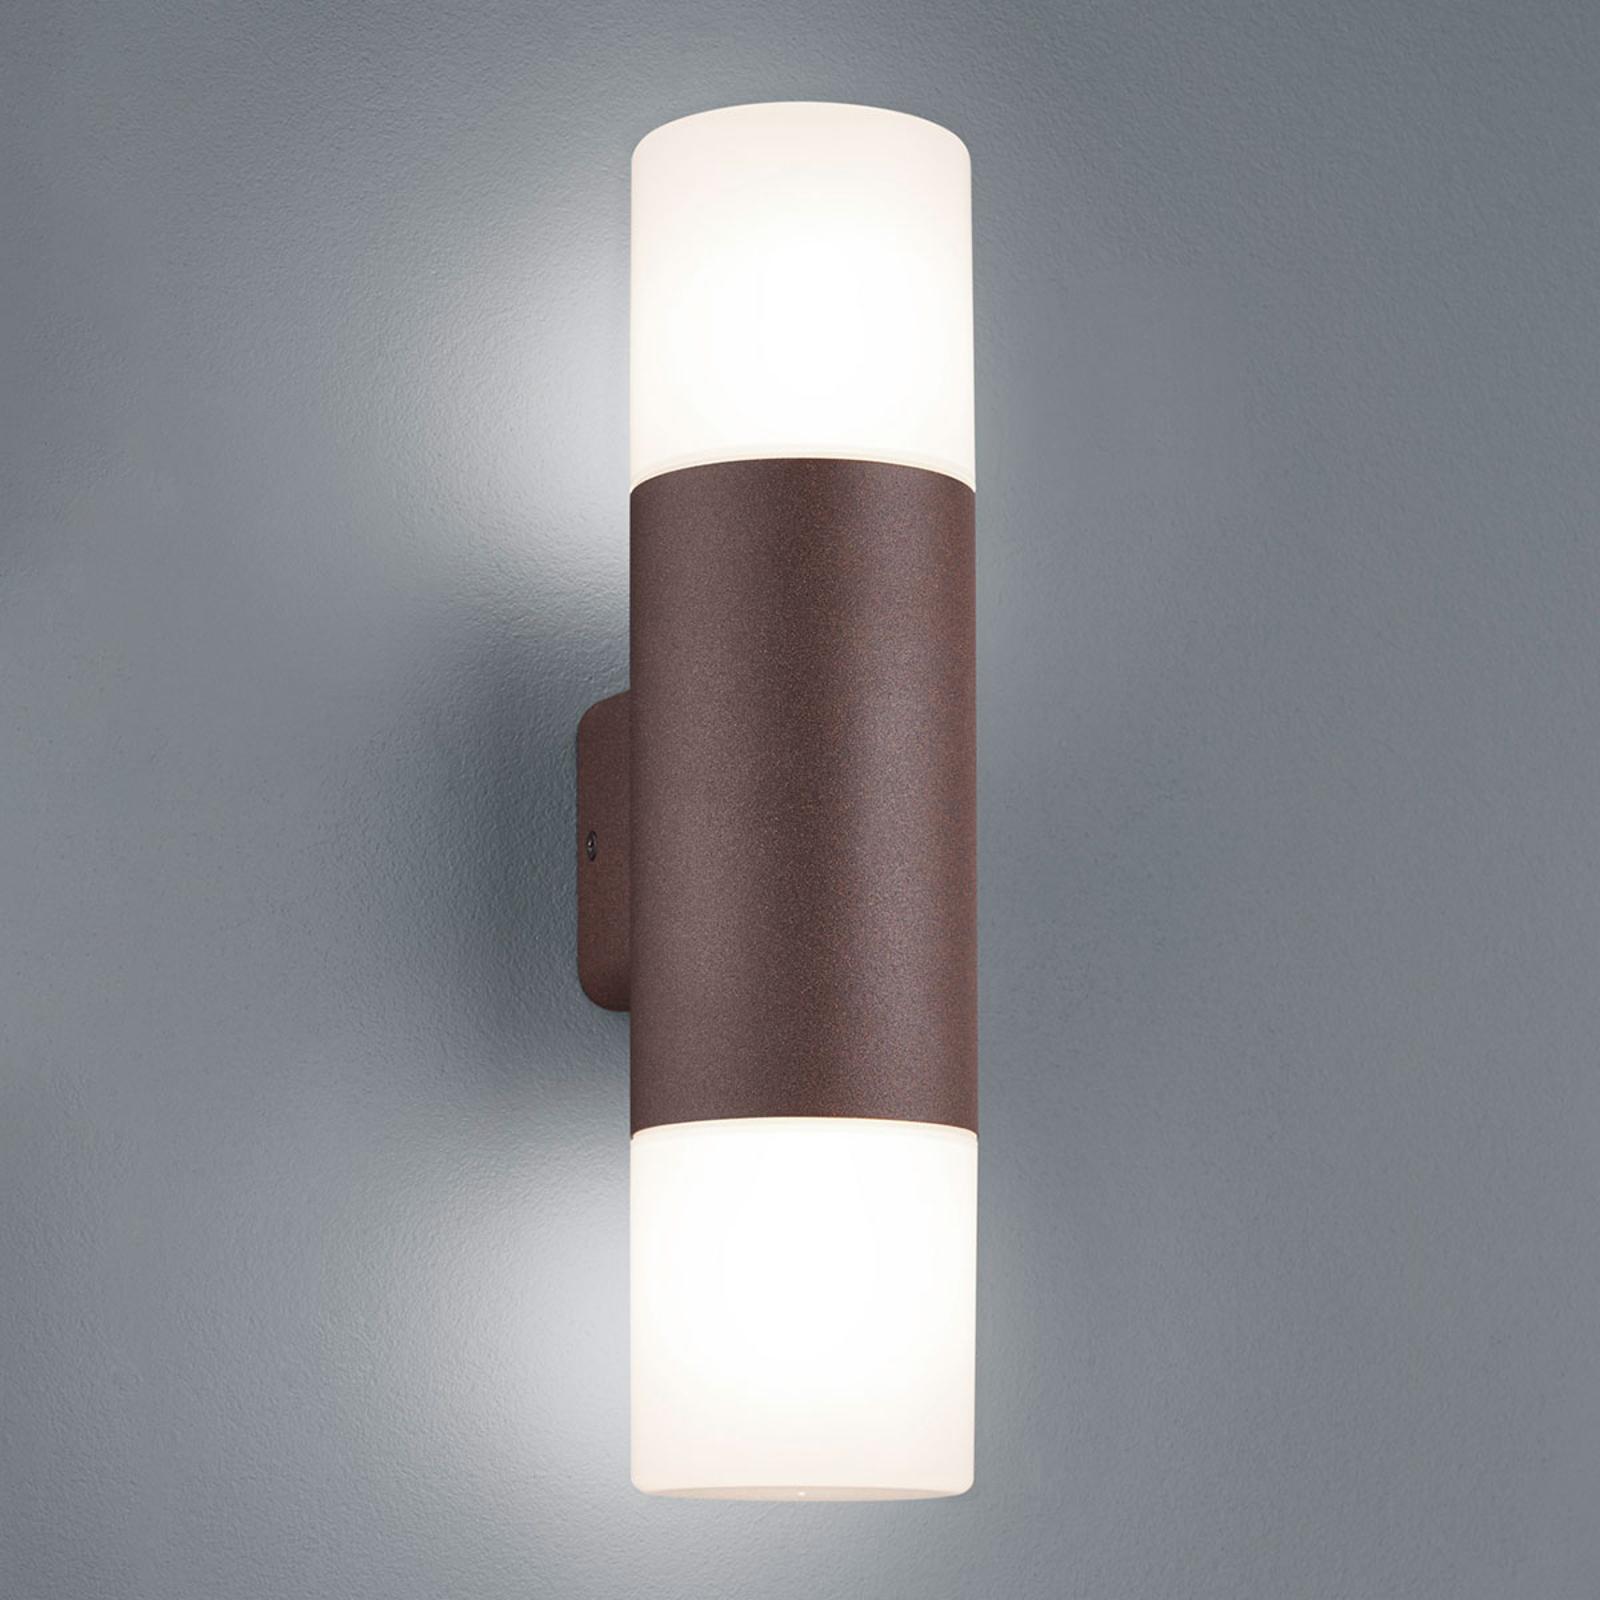 Hoosic udendørs væglampe, 2 lyskilder, rustfarvet